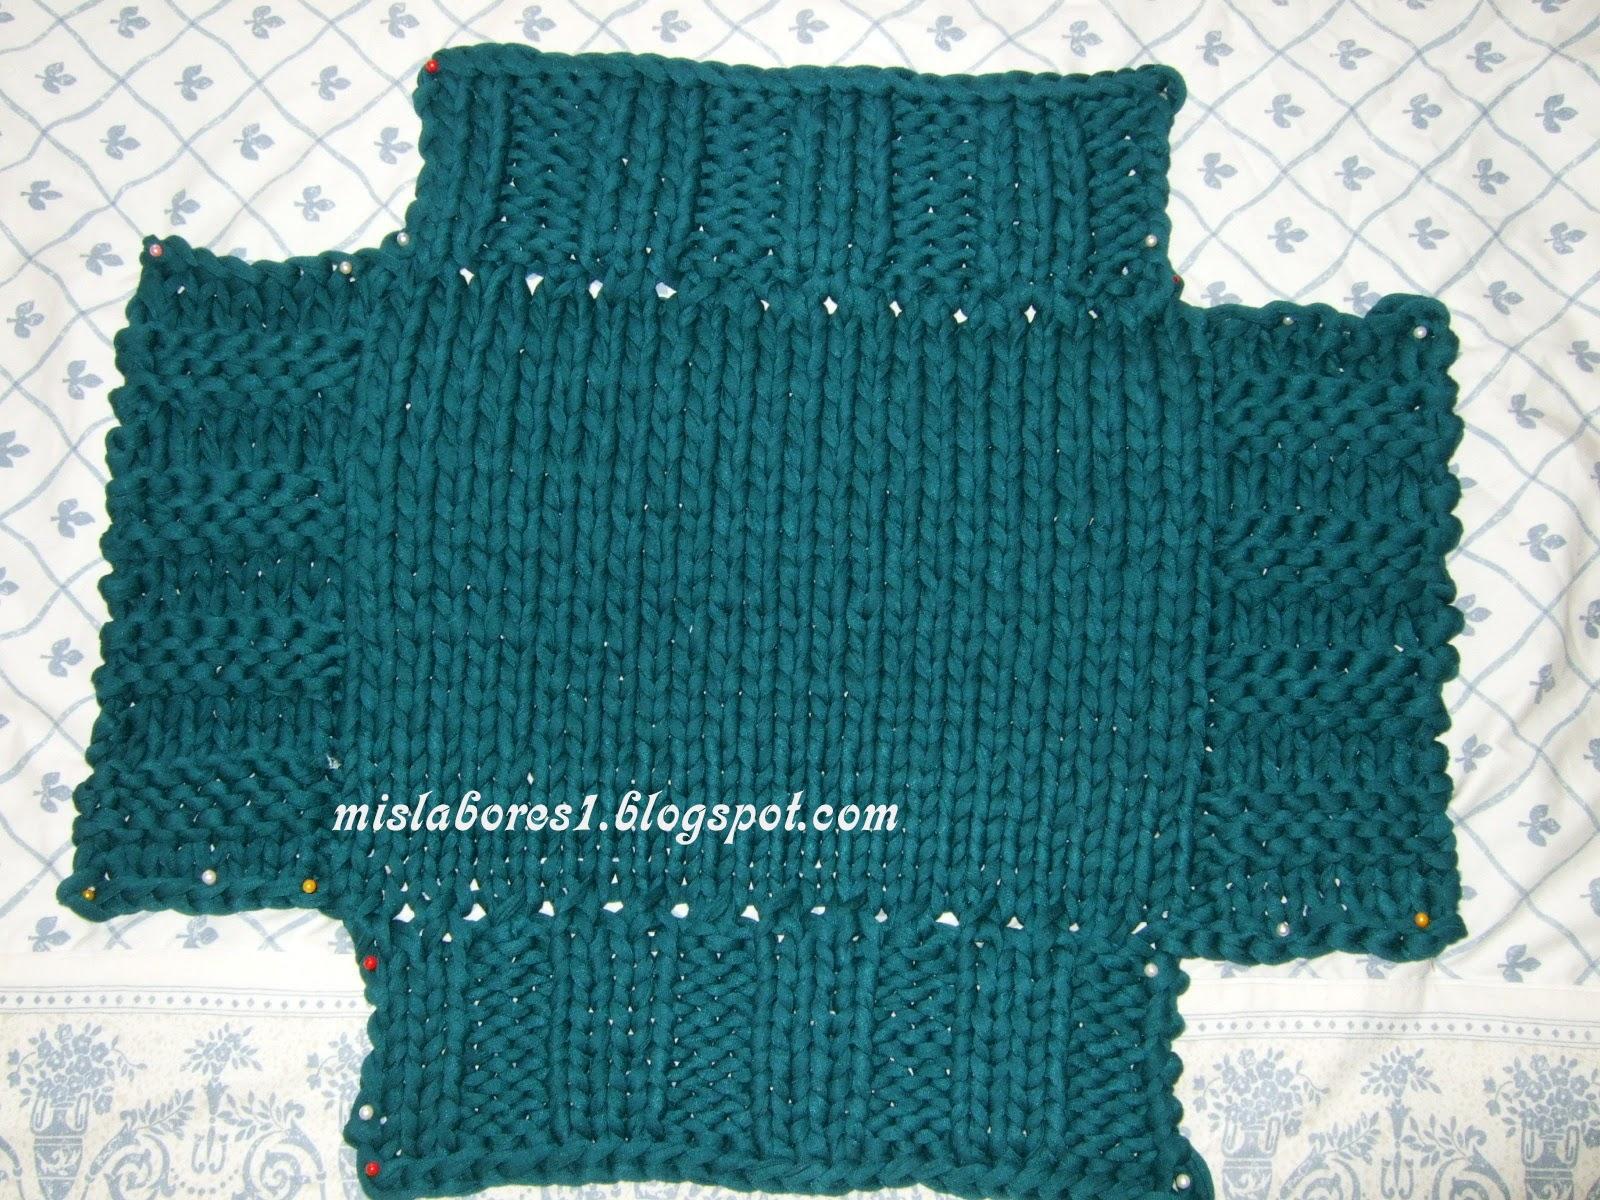 Mis labores cesta de trapillo con dos agujas - Puntos de agujas de lana ...